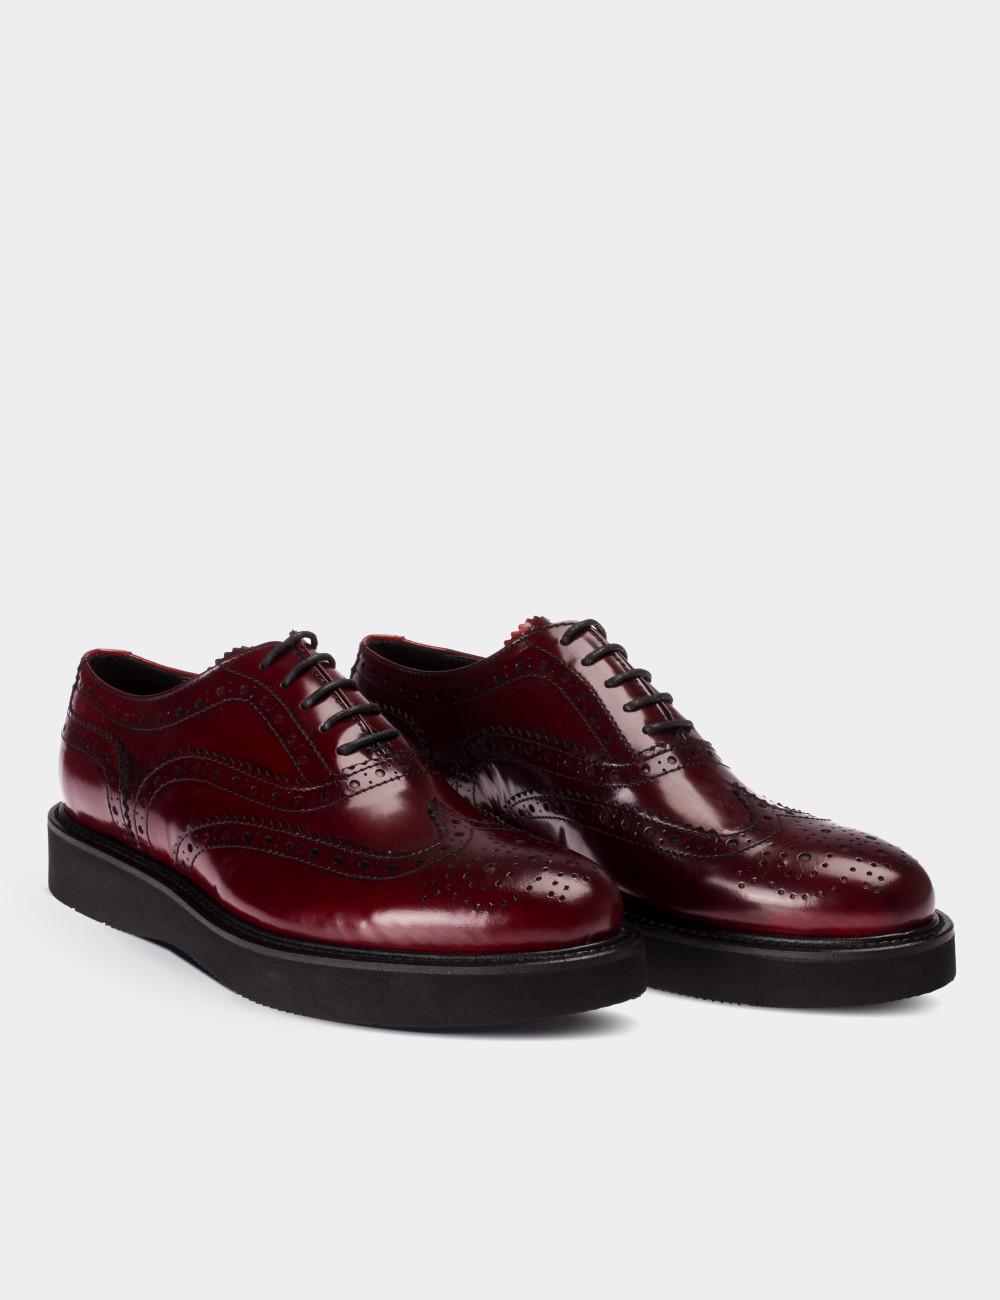 f7ad8dc65d6fb Hakiki Deri Koyu Kırmızı Finisajlı Oxford Kadın Ayakkabı - 01418ZBRDE01